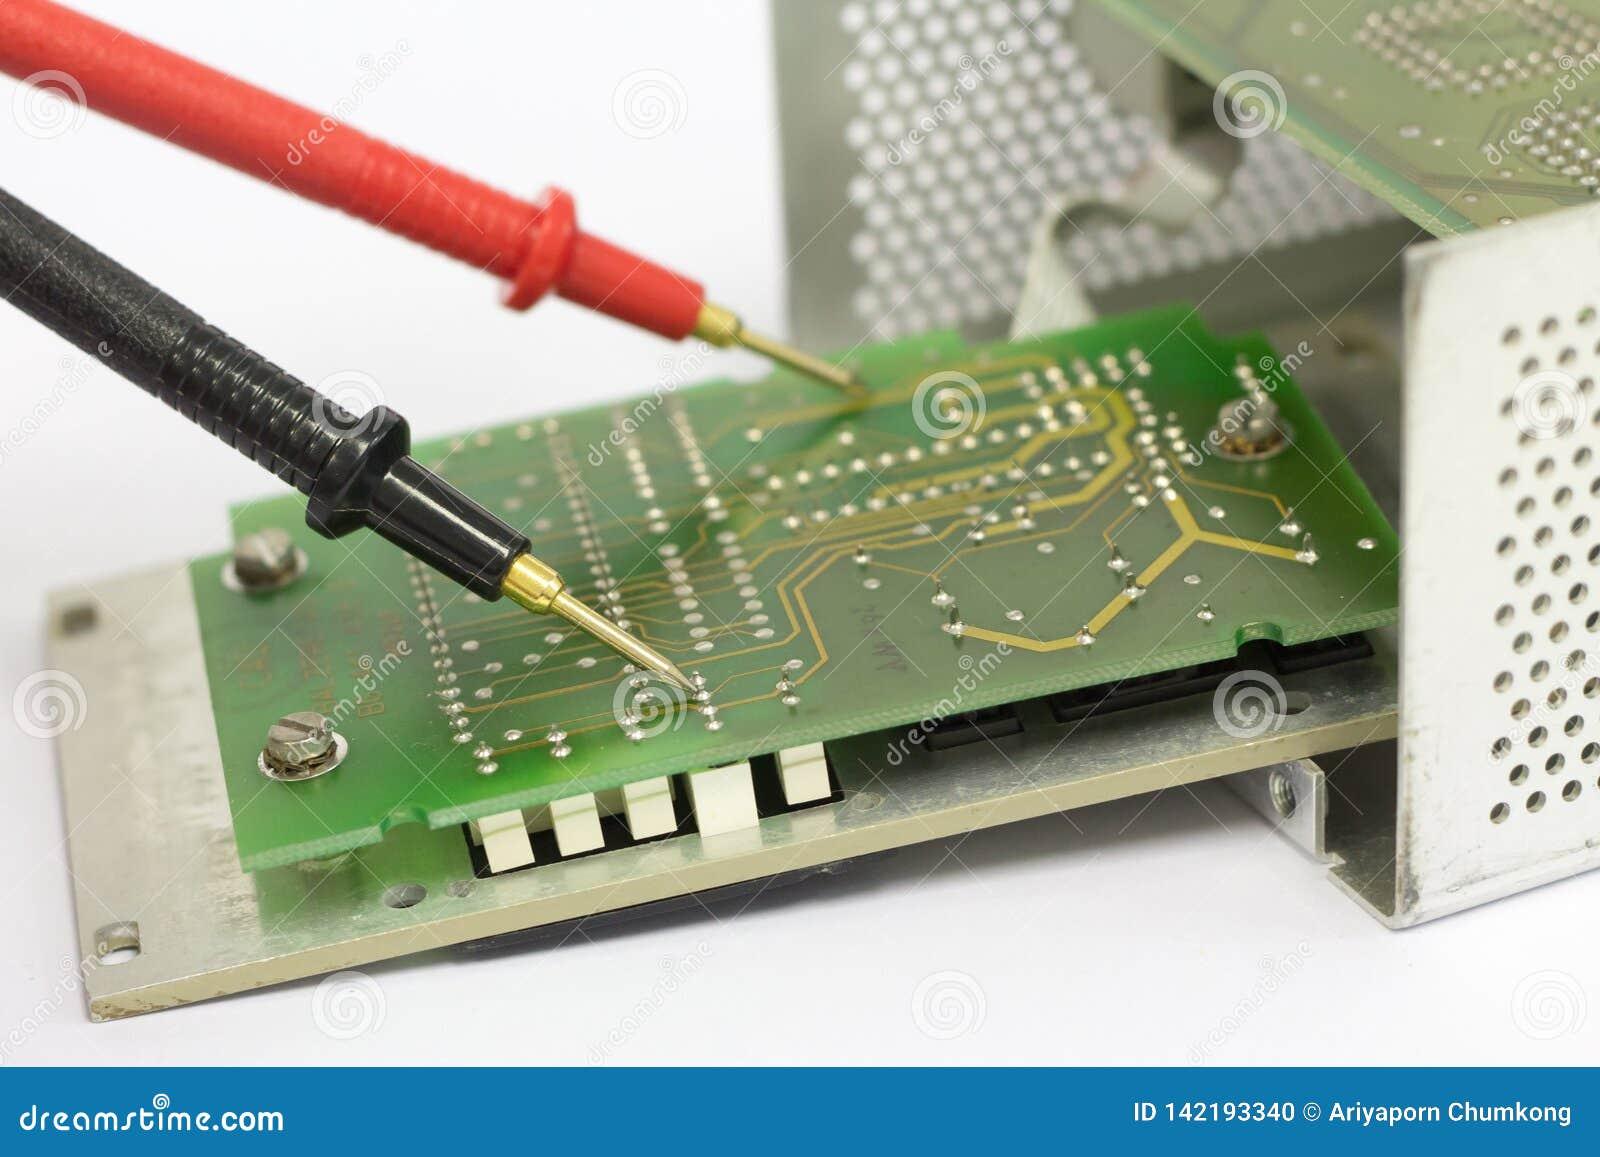 Зонды вольтамперомметра на плате с печатным монтажом